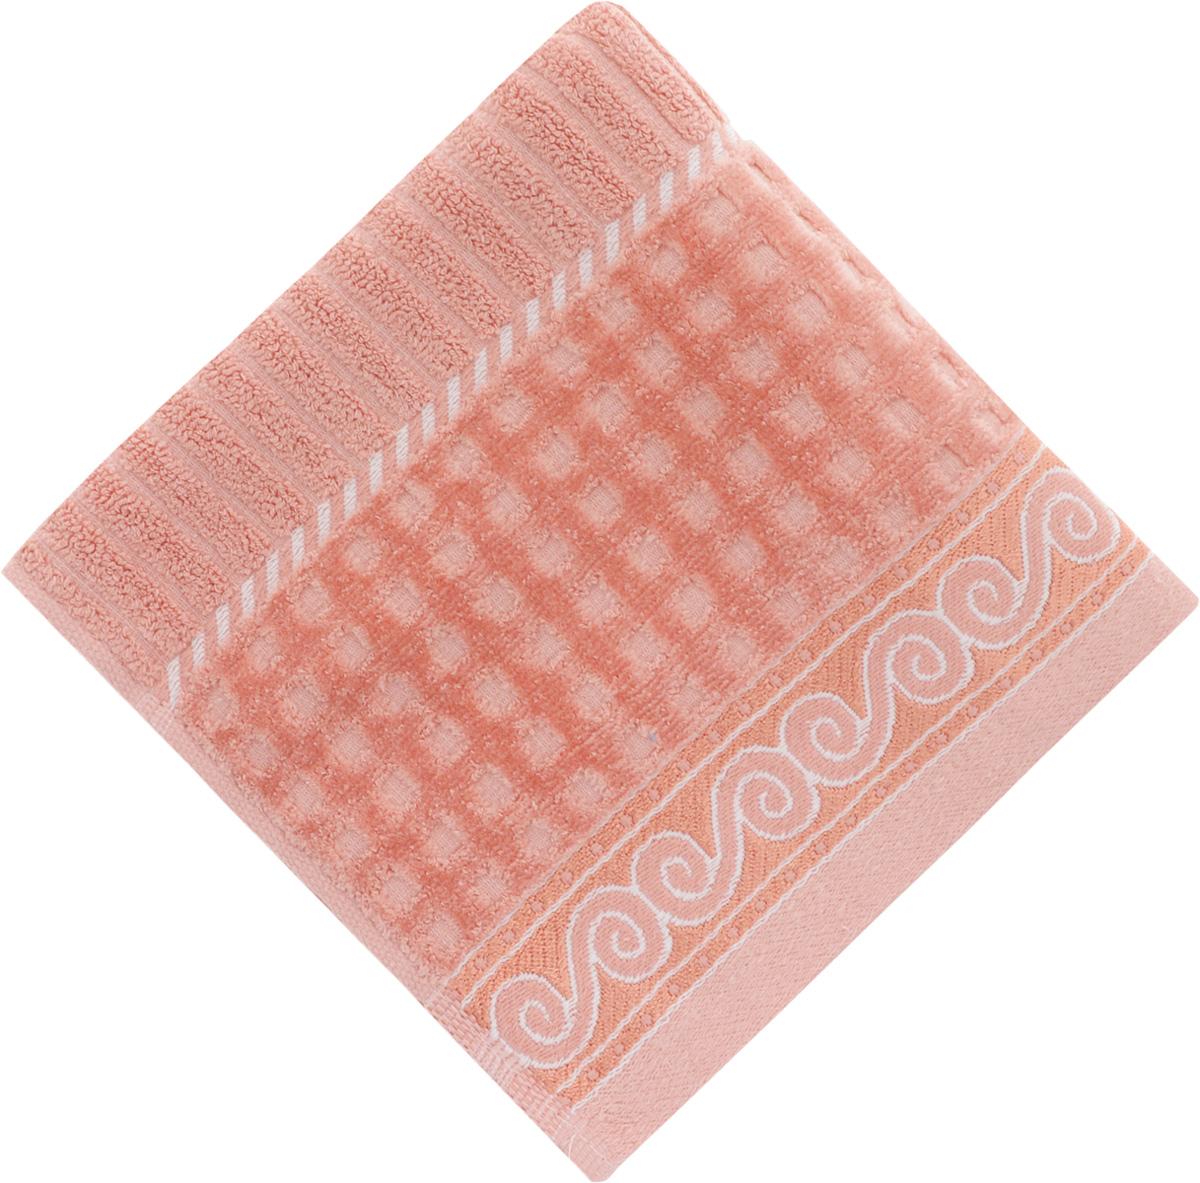 Полотенце Soavita Луи, цвет: коралловый, 50 х 90 см25051 7_желтыйПолотенце Soavita Луи выполнено из 100% хлопка. Изделие отлично впитывает влагу, быстро сохнет, сохраняет яркость цвета и не теряет форму даже после многократных стирок. Полотенце очень практично и неприхотливо в уходе. Оно создаст прекрасное настроение и украсит интерьер в ванной комнате.